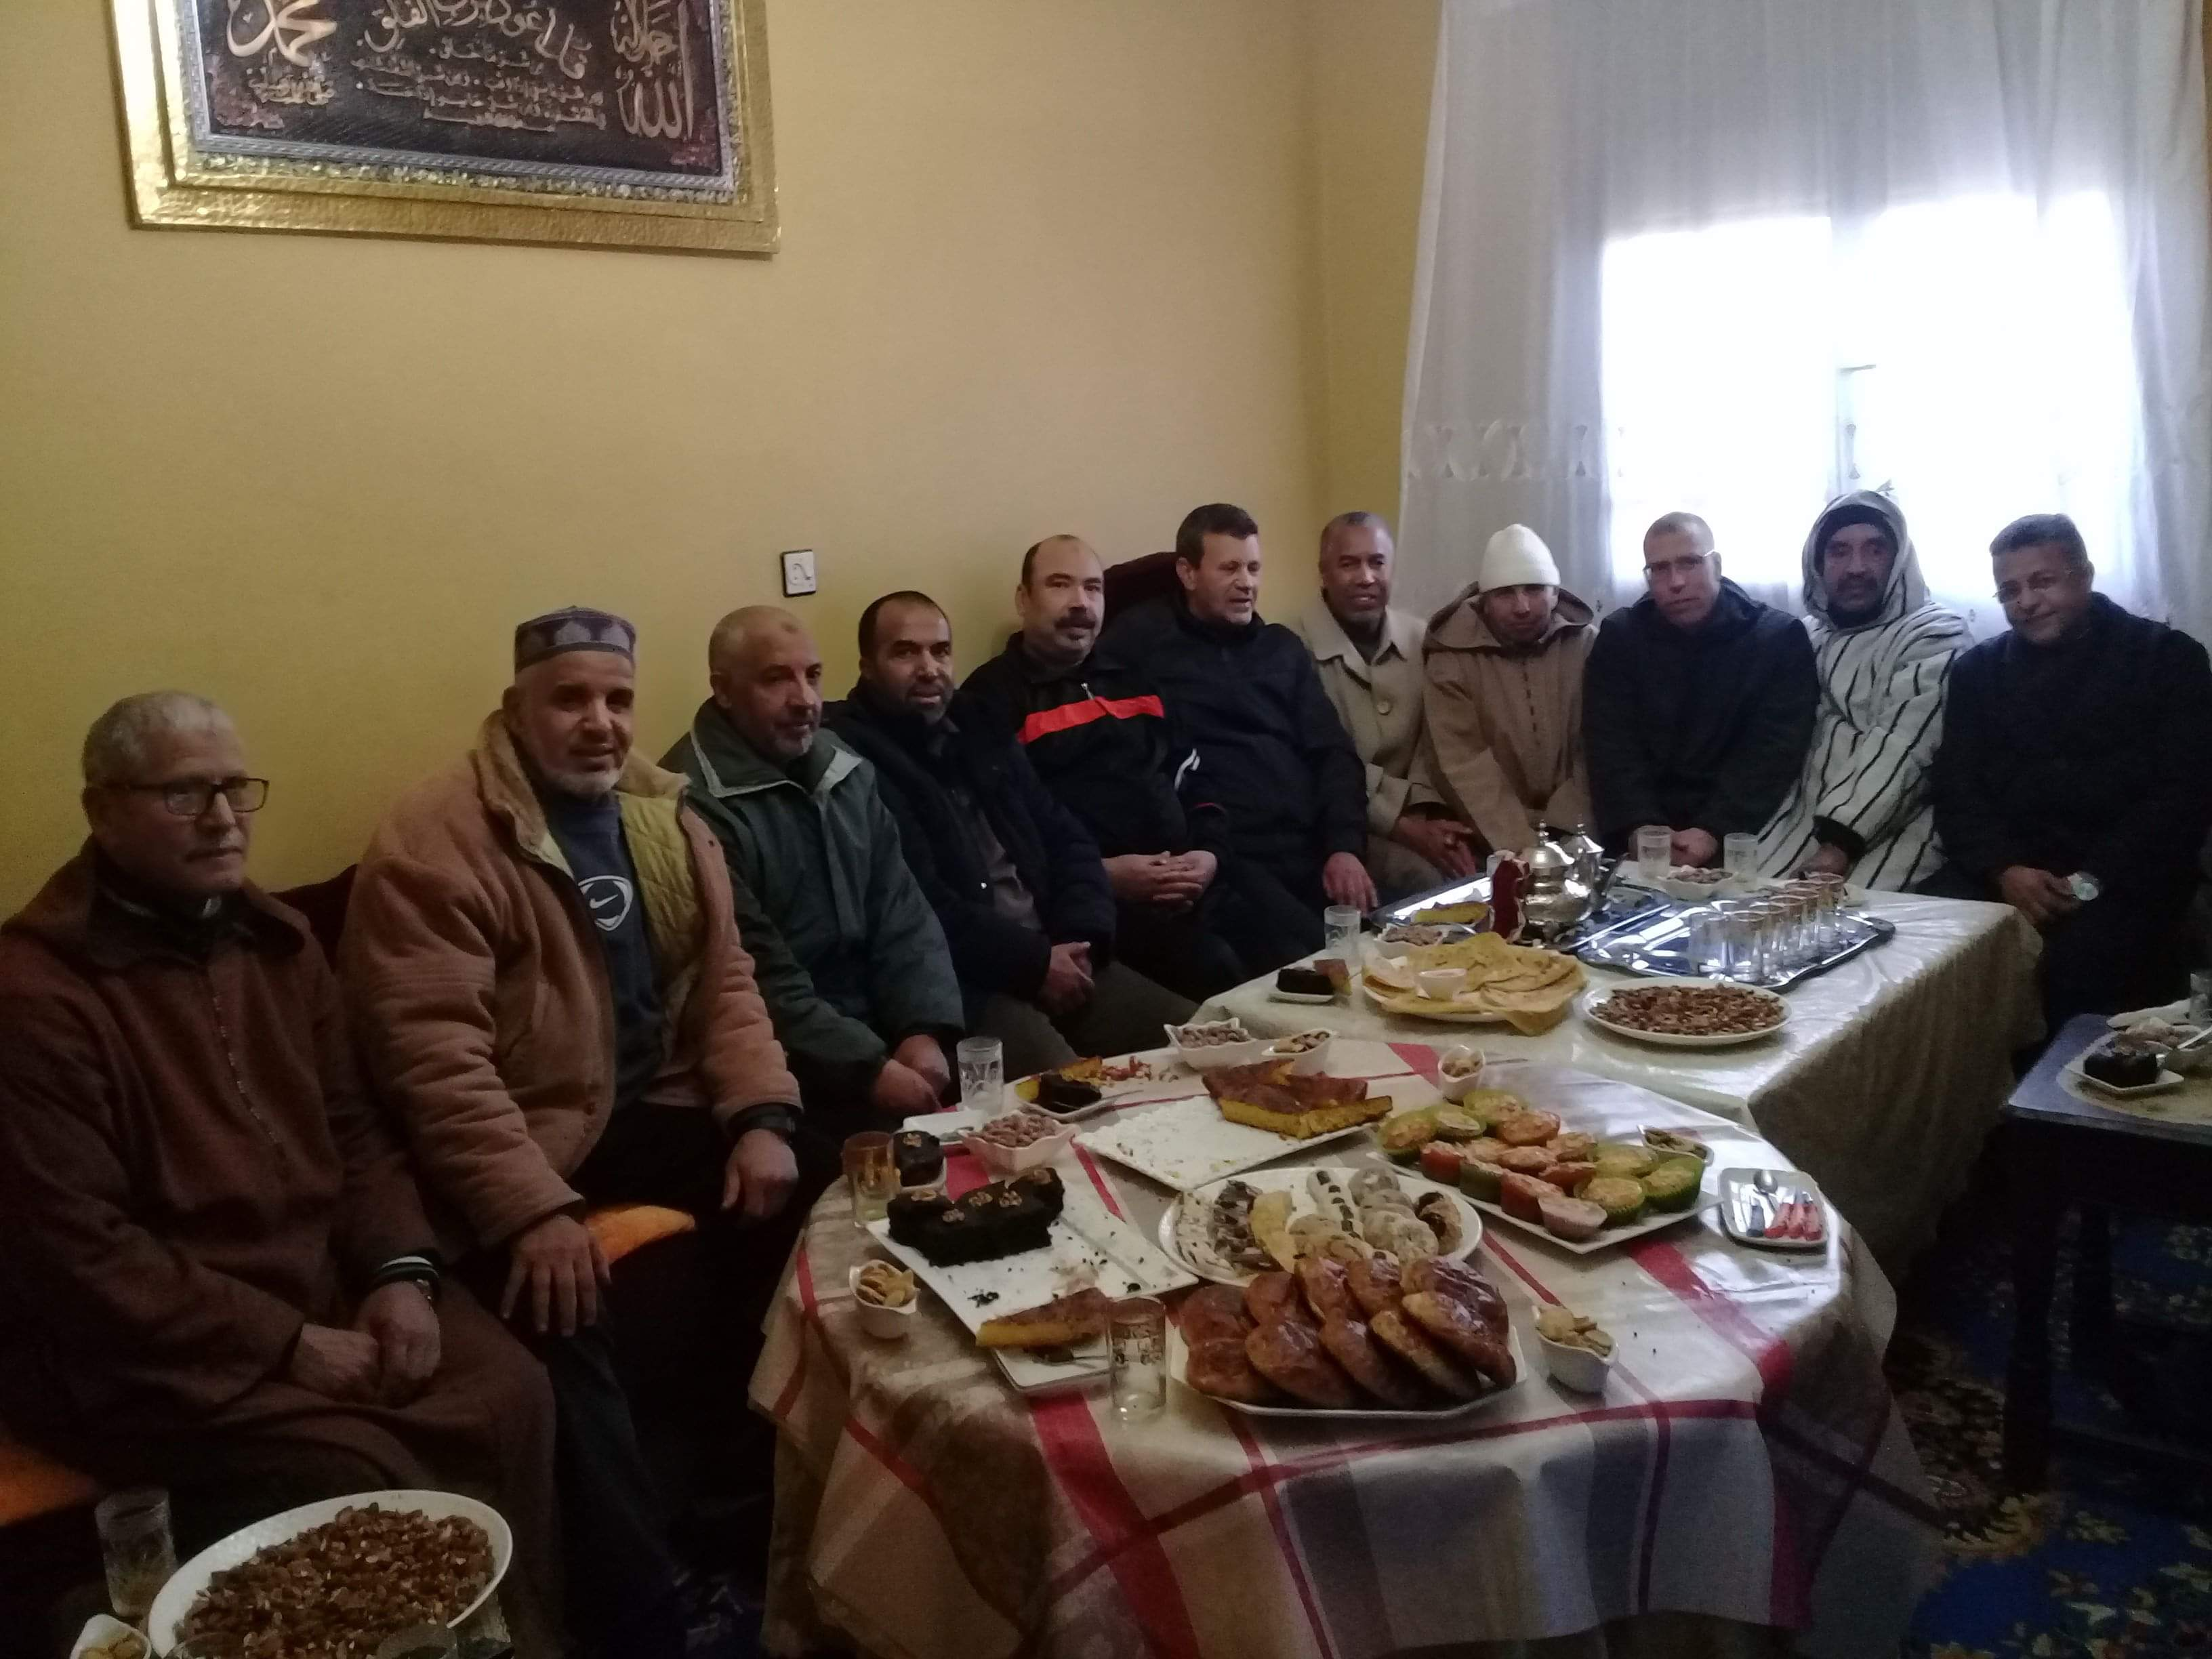 زيارة الأخ عبد الواحد الصالحي بمنزله بعد إجراء عملية جراحية